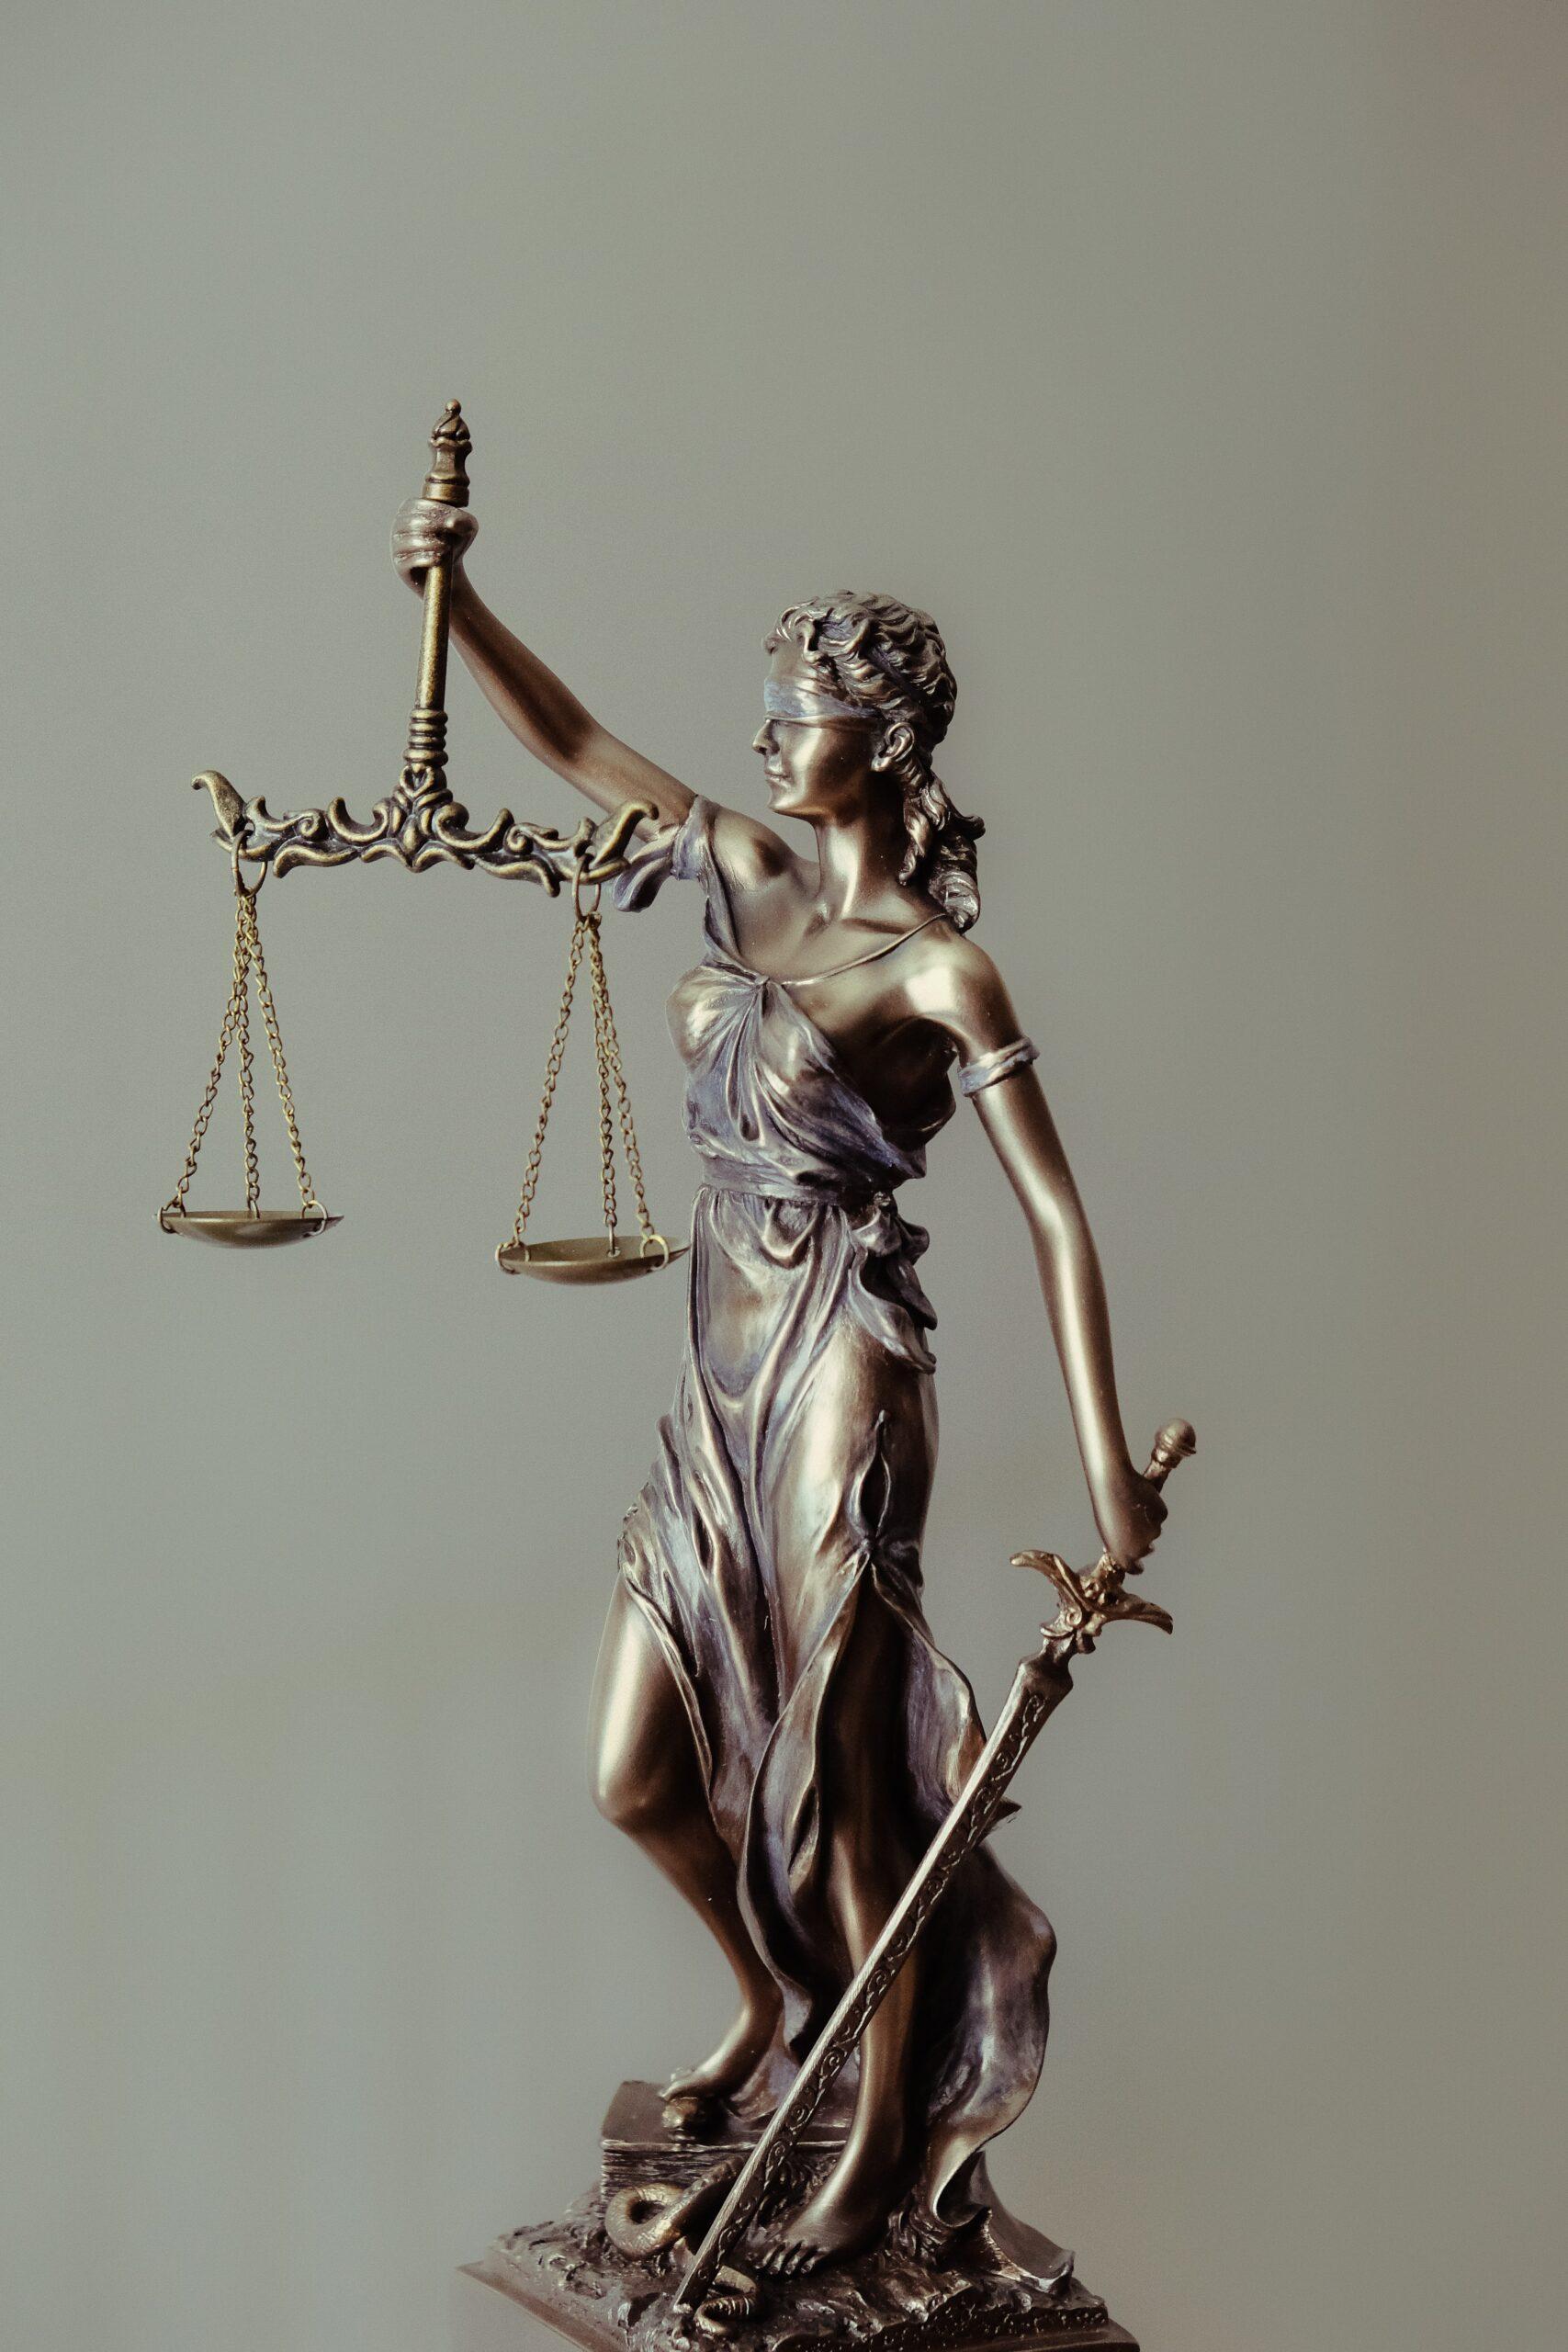 Best Lawyer in Santa Fe